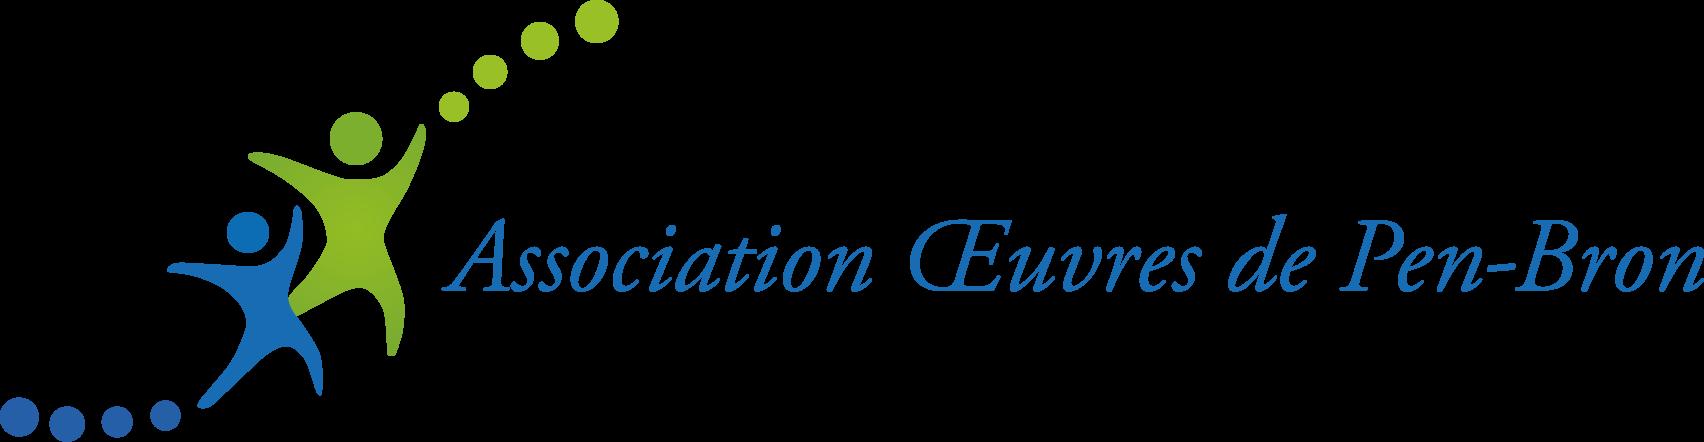 Logo de l'association des oeuvres de pen bron